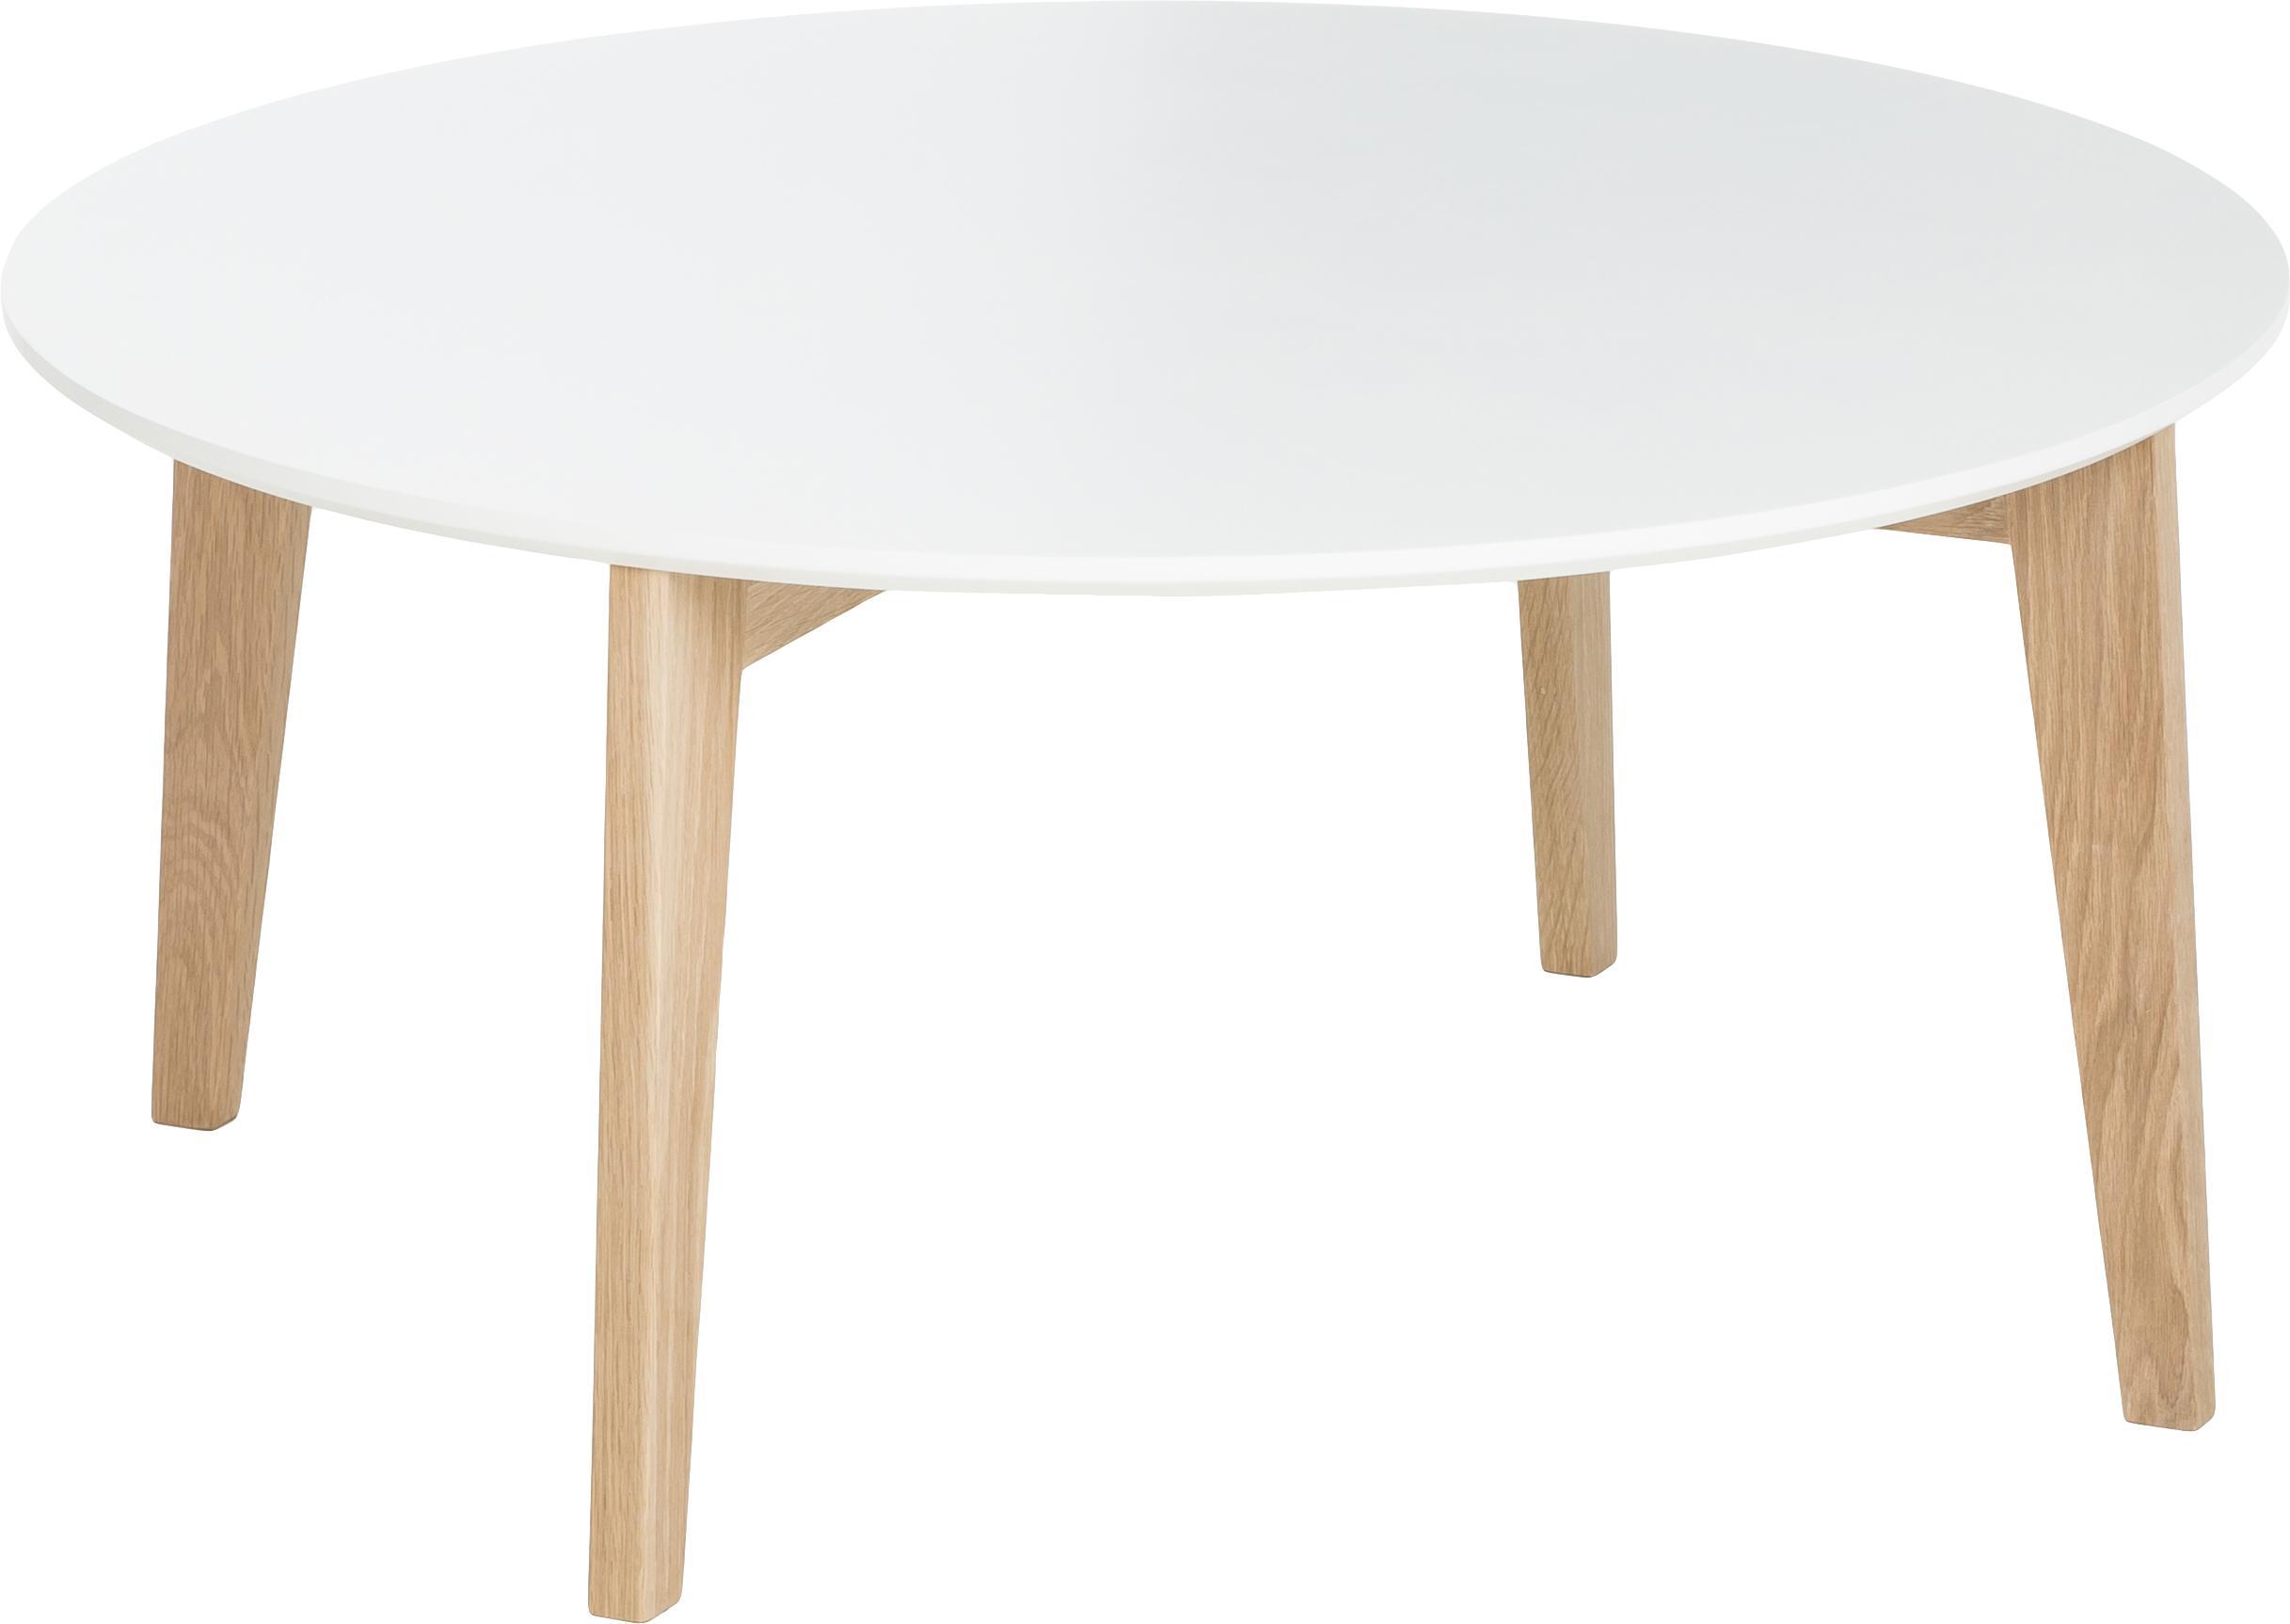 Duży stolik kawowy Lucas, Blat: płyta pilśniowa średniej , Nogi: drewno dębowe, Biały, drewno dębowe, Ø 90 x W 42 cm